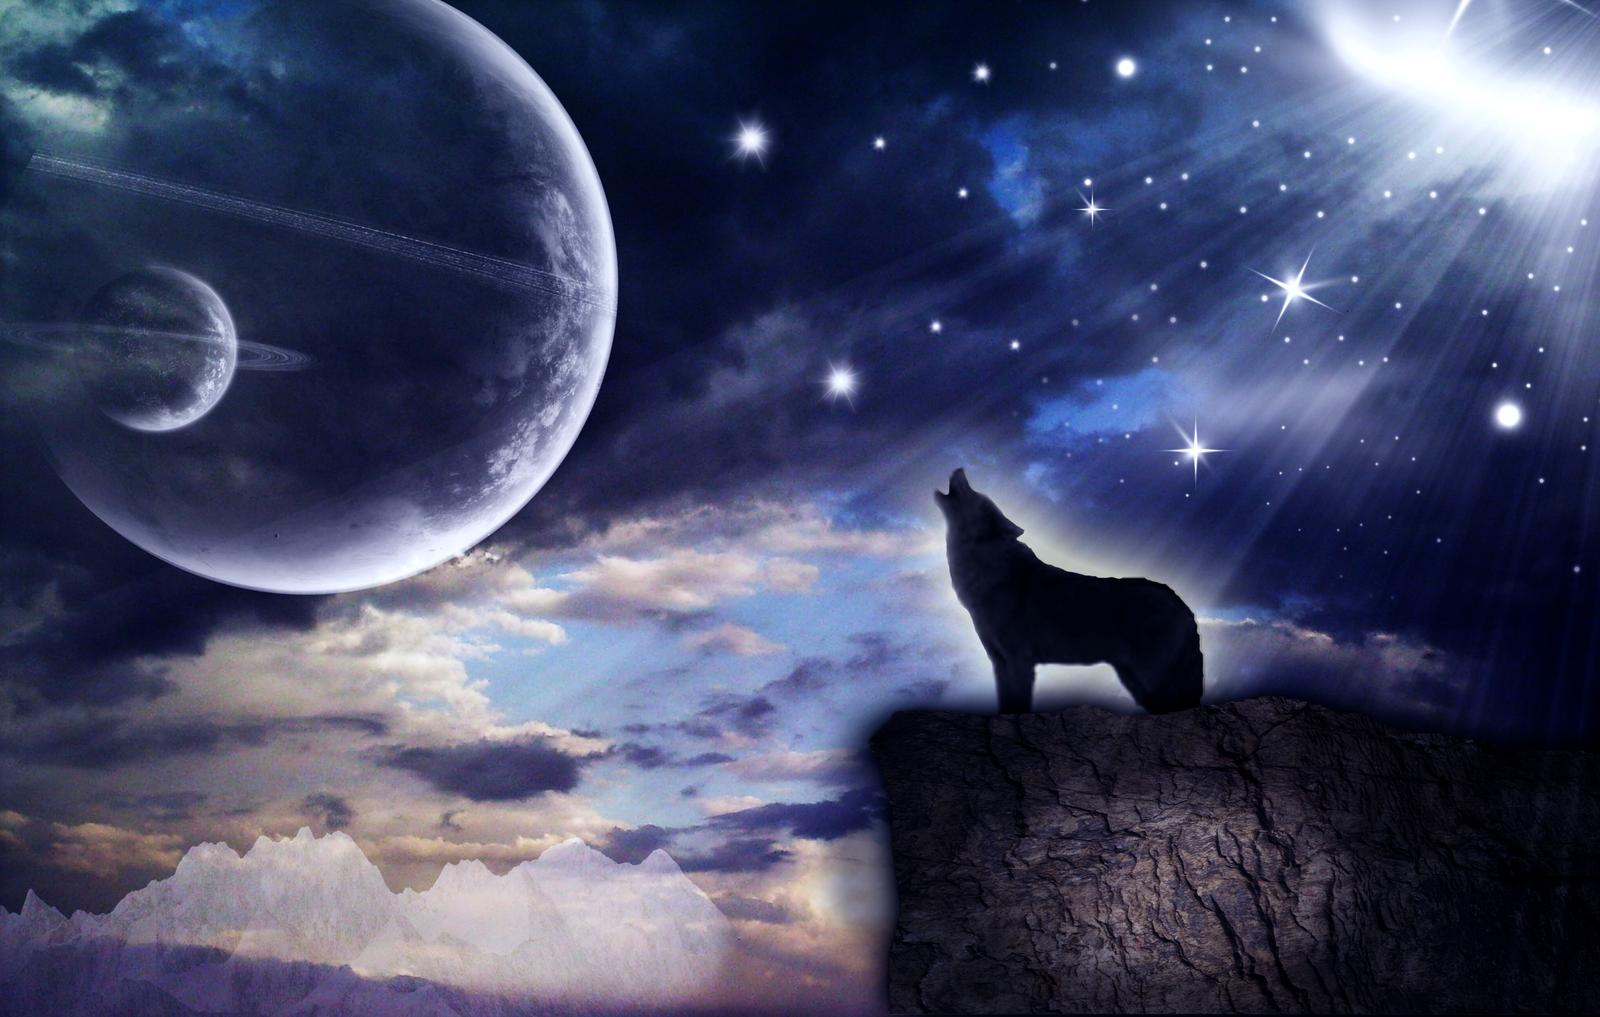 ограниченной картинки волчица под луной ответить него